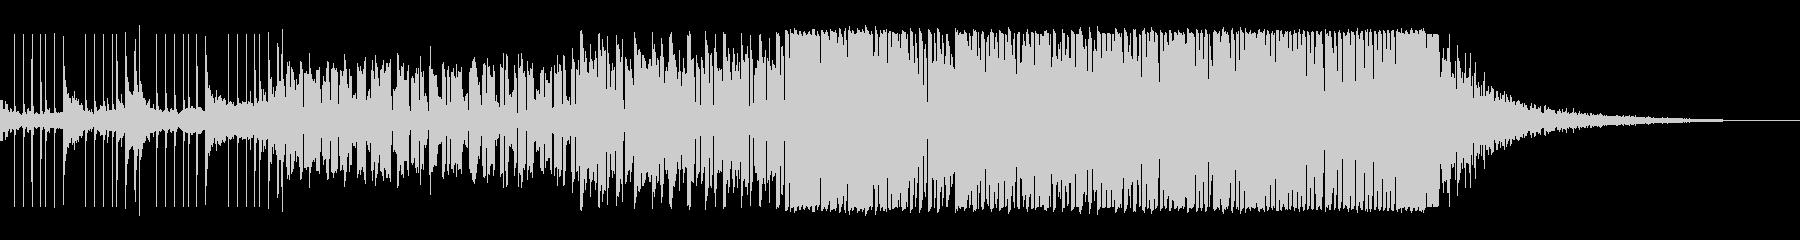 オープニングに適した約1分間作品の未再生の波形